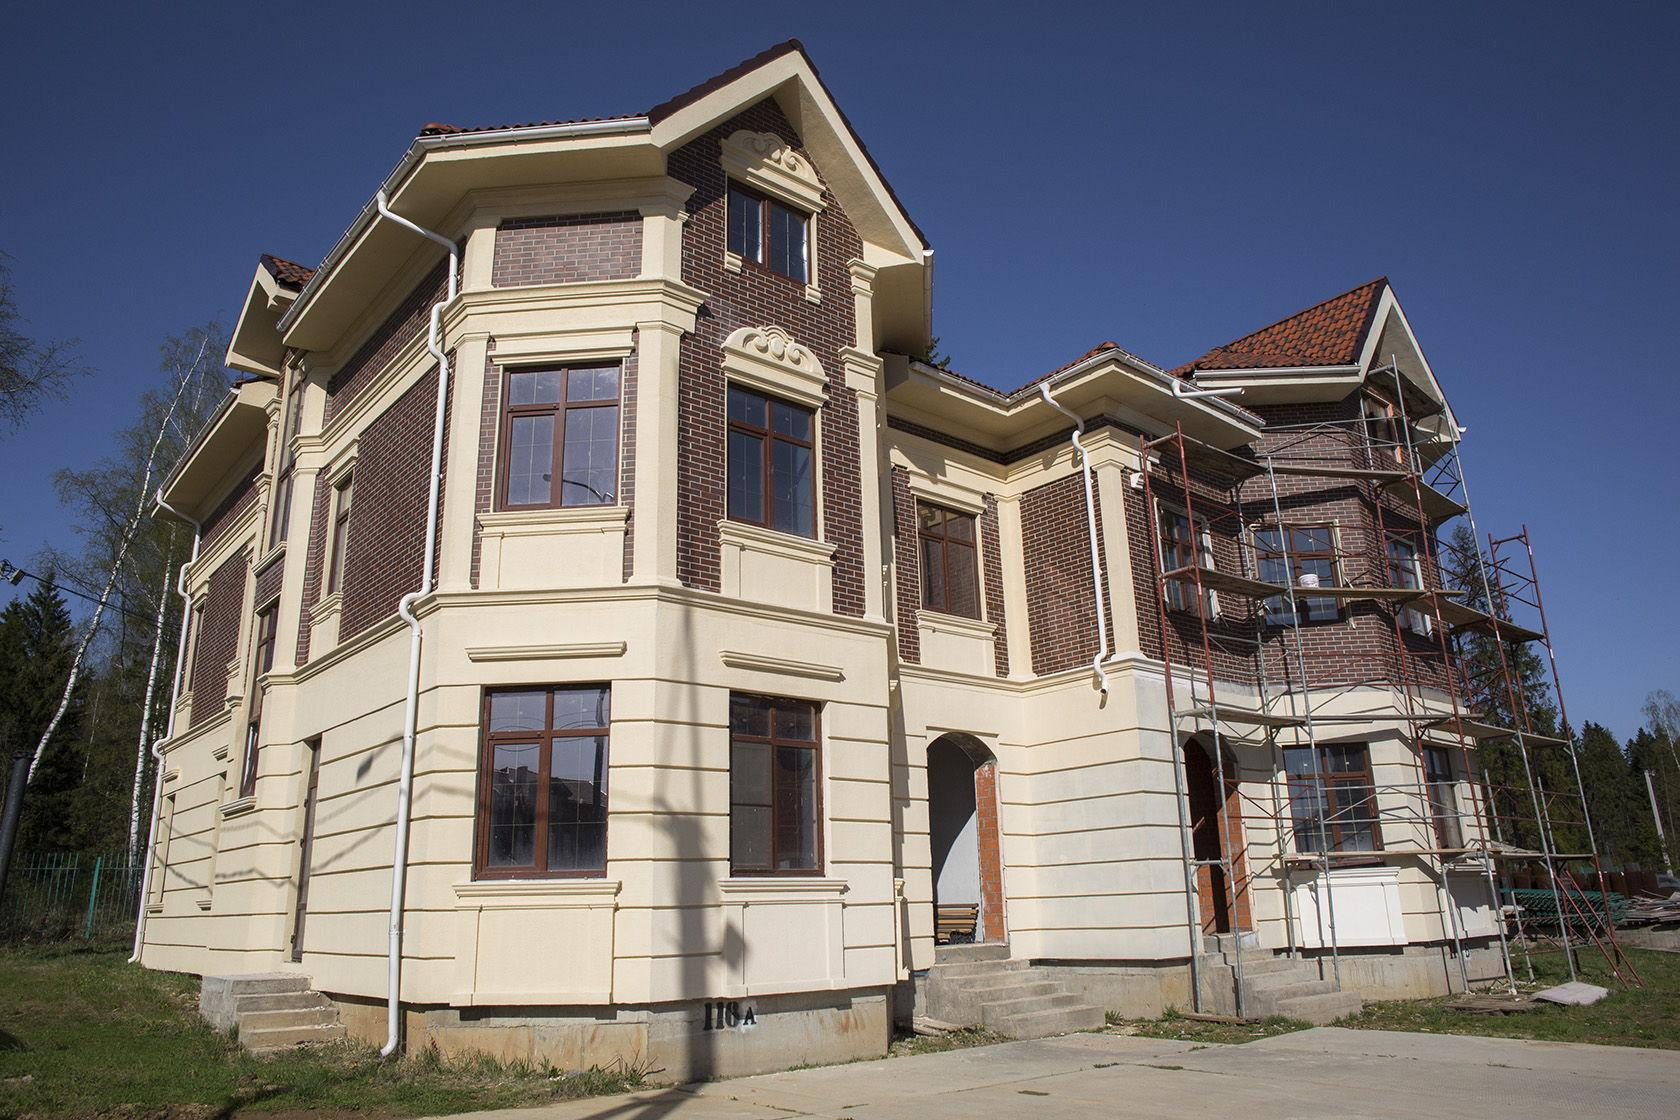 Фото коттеджного поселка Андреевский парк от Андреевский парк. Коттеджный поселок Andreevskiy park